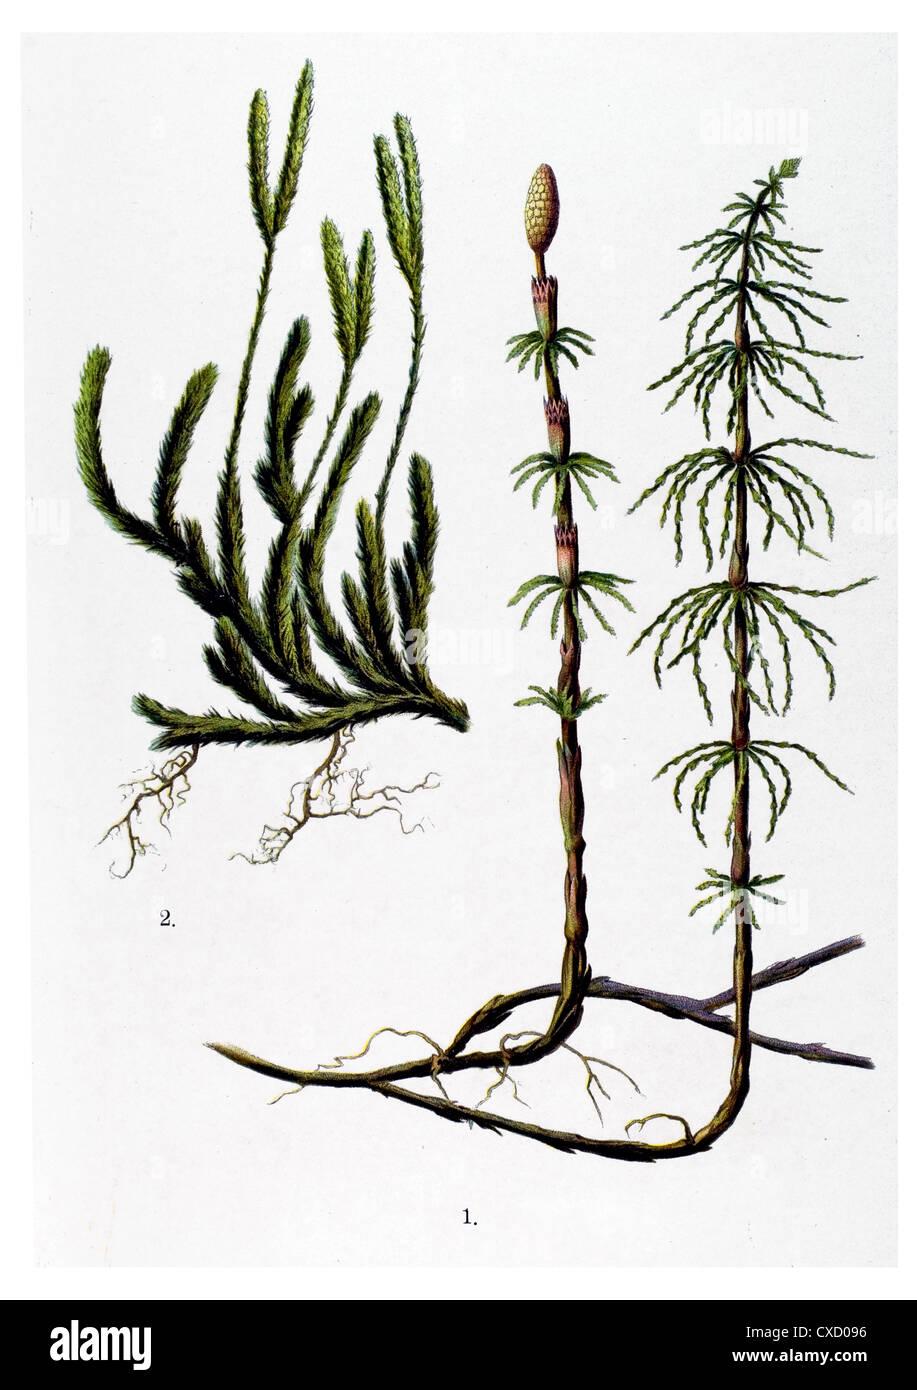 Equisetum arvense - Stock Image